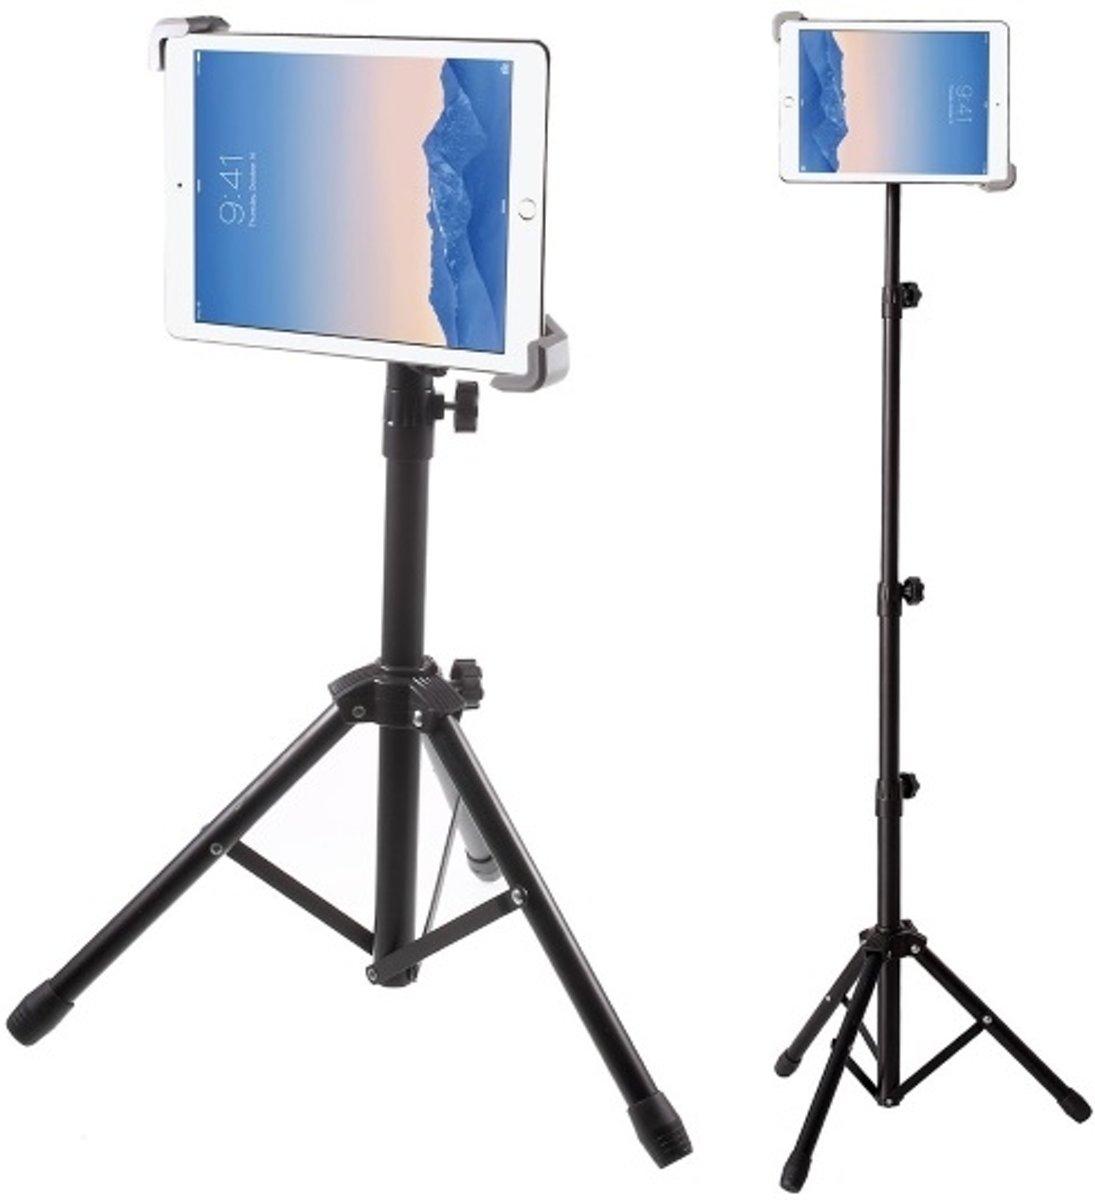 Cacious Universele Tablet Tripod Houder - Muziek Standaard/Lessenaar met verstelbaar Statief o.a. voor iPad en Samsung Galaxy Tab